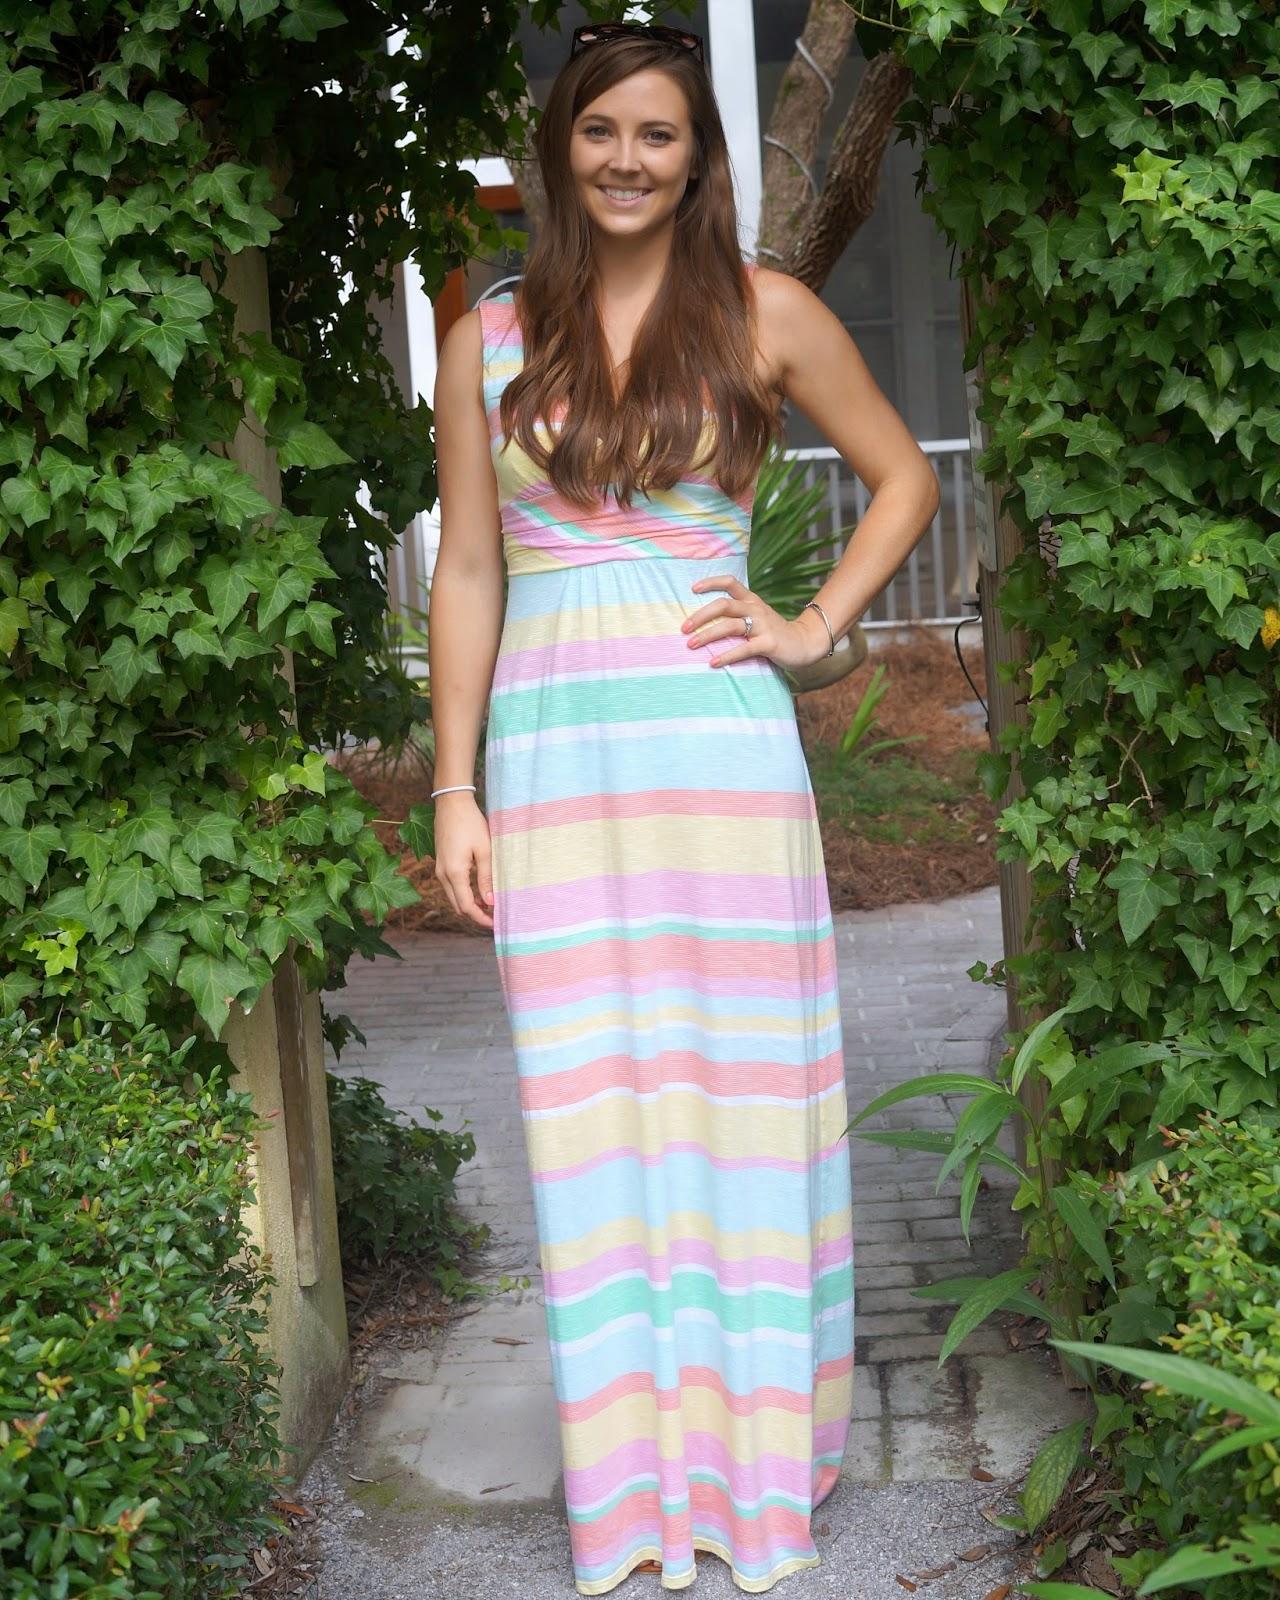 summer in lilly maxi #summerinlilly